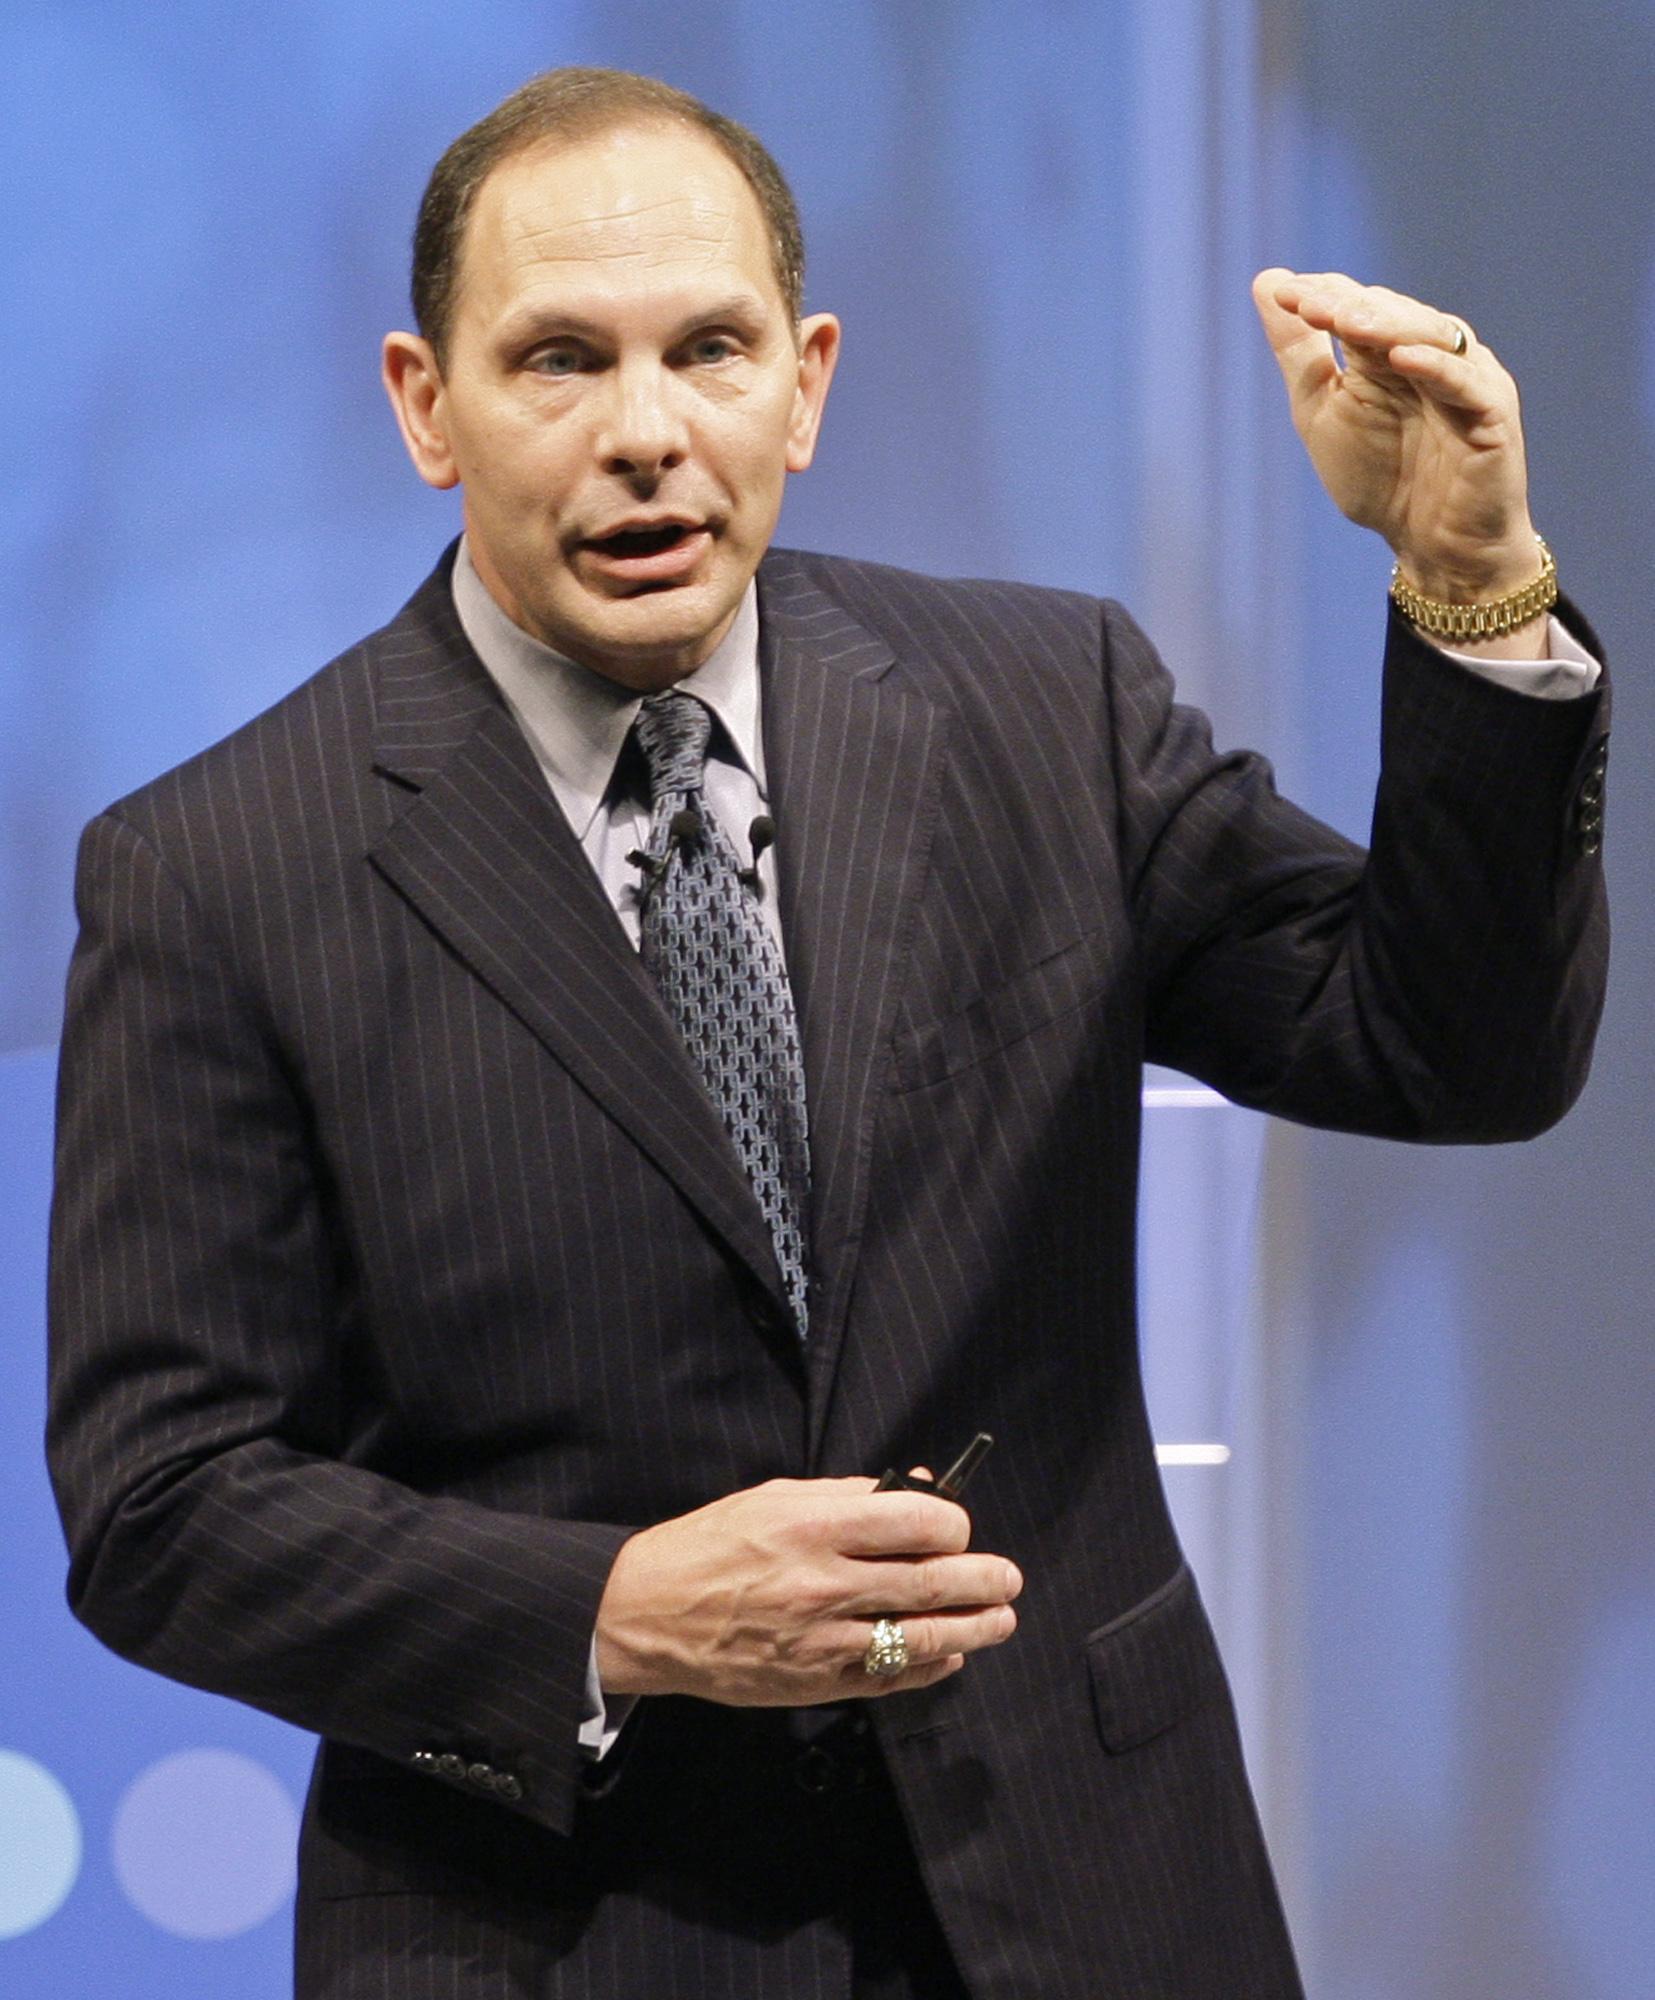 Procter & Gamble CEO Bob McDonald